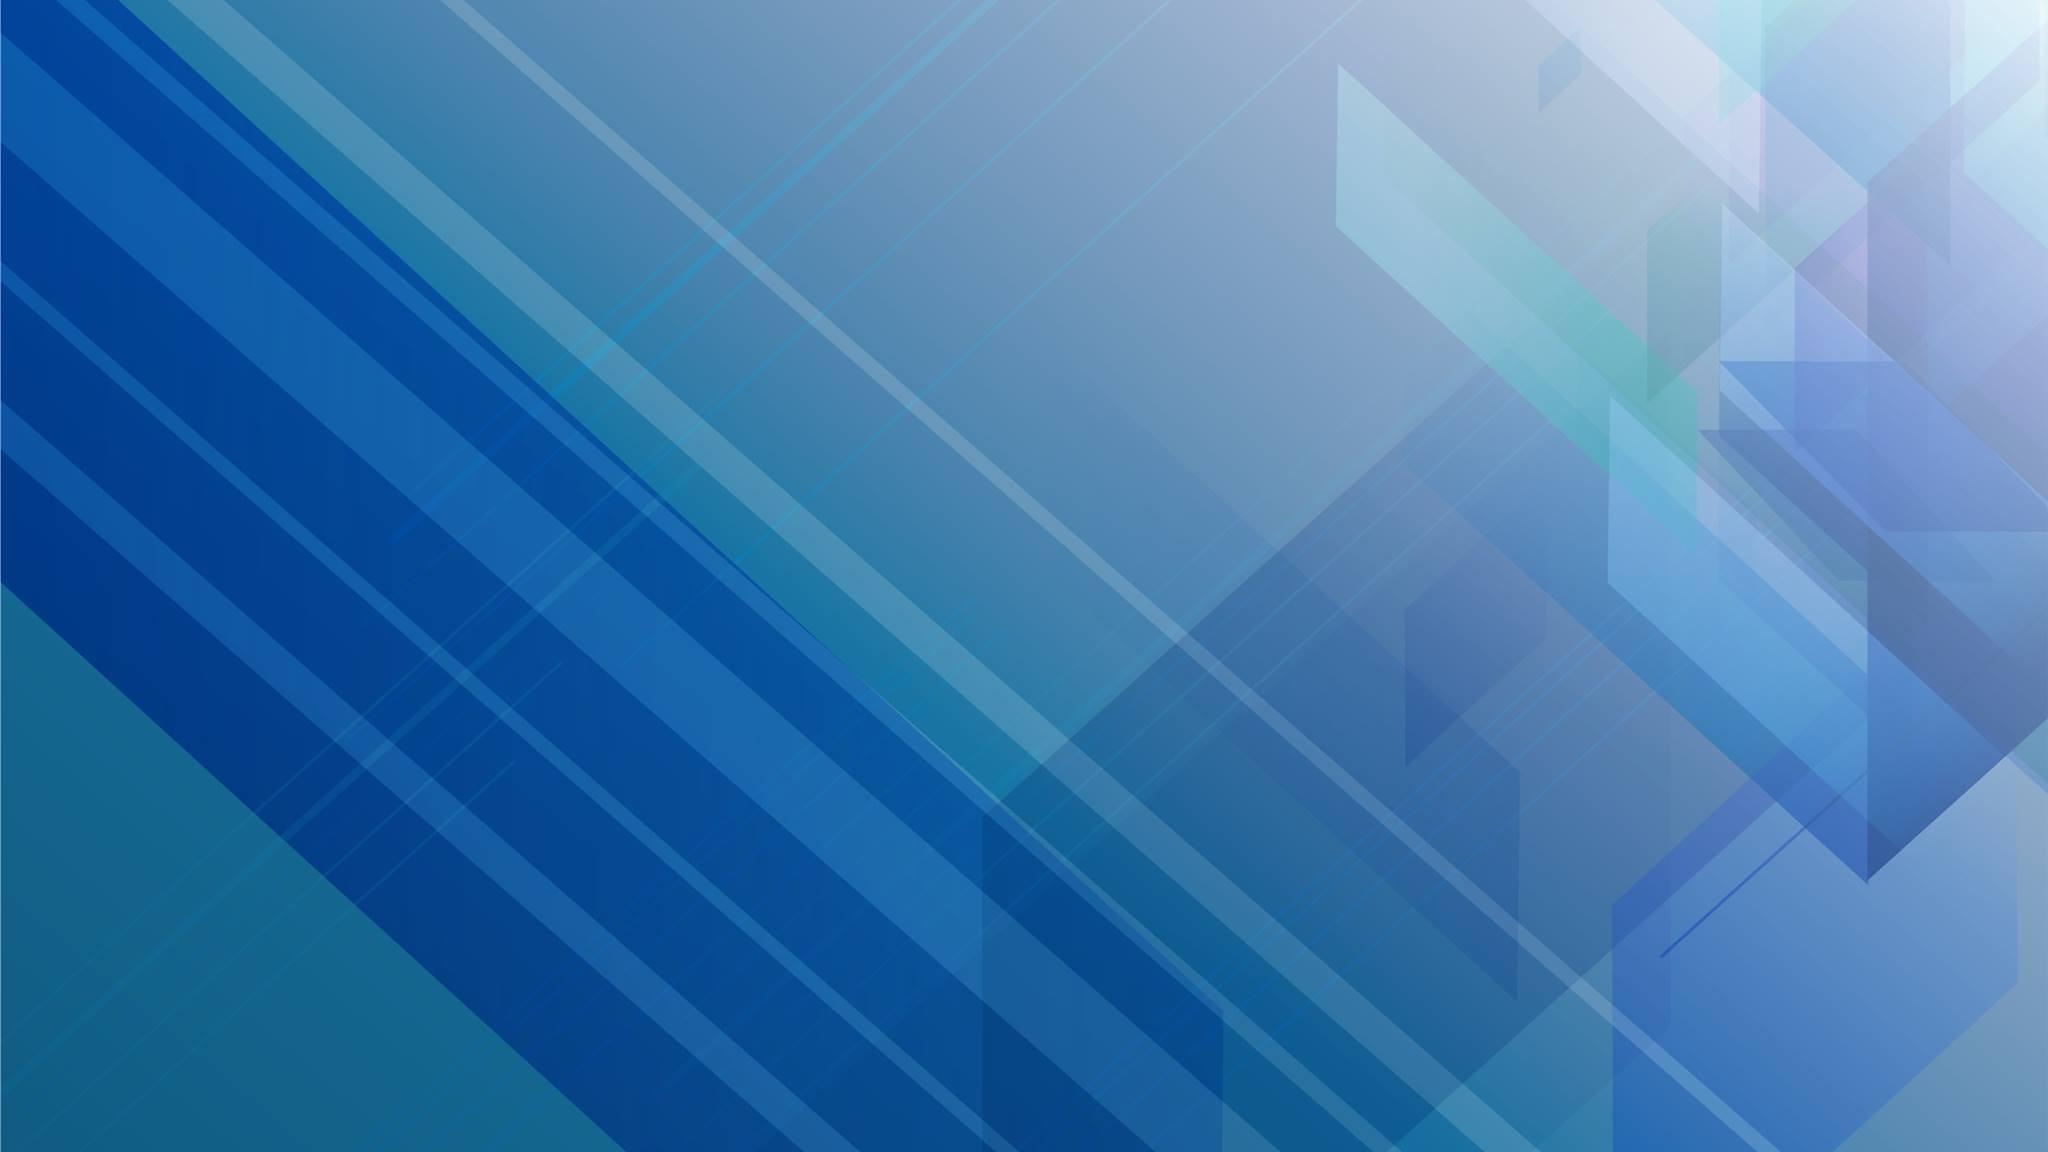 現代の青い背景のhd 現代の青い壁紙 2048x1152 Wallpapertip